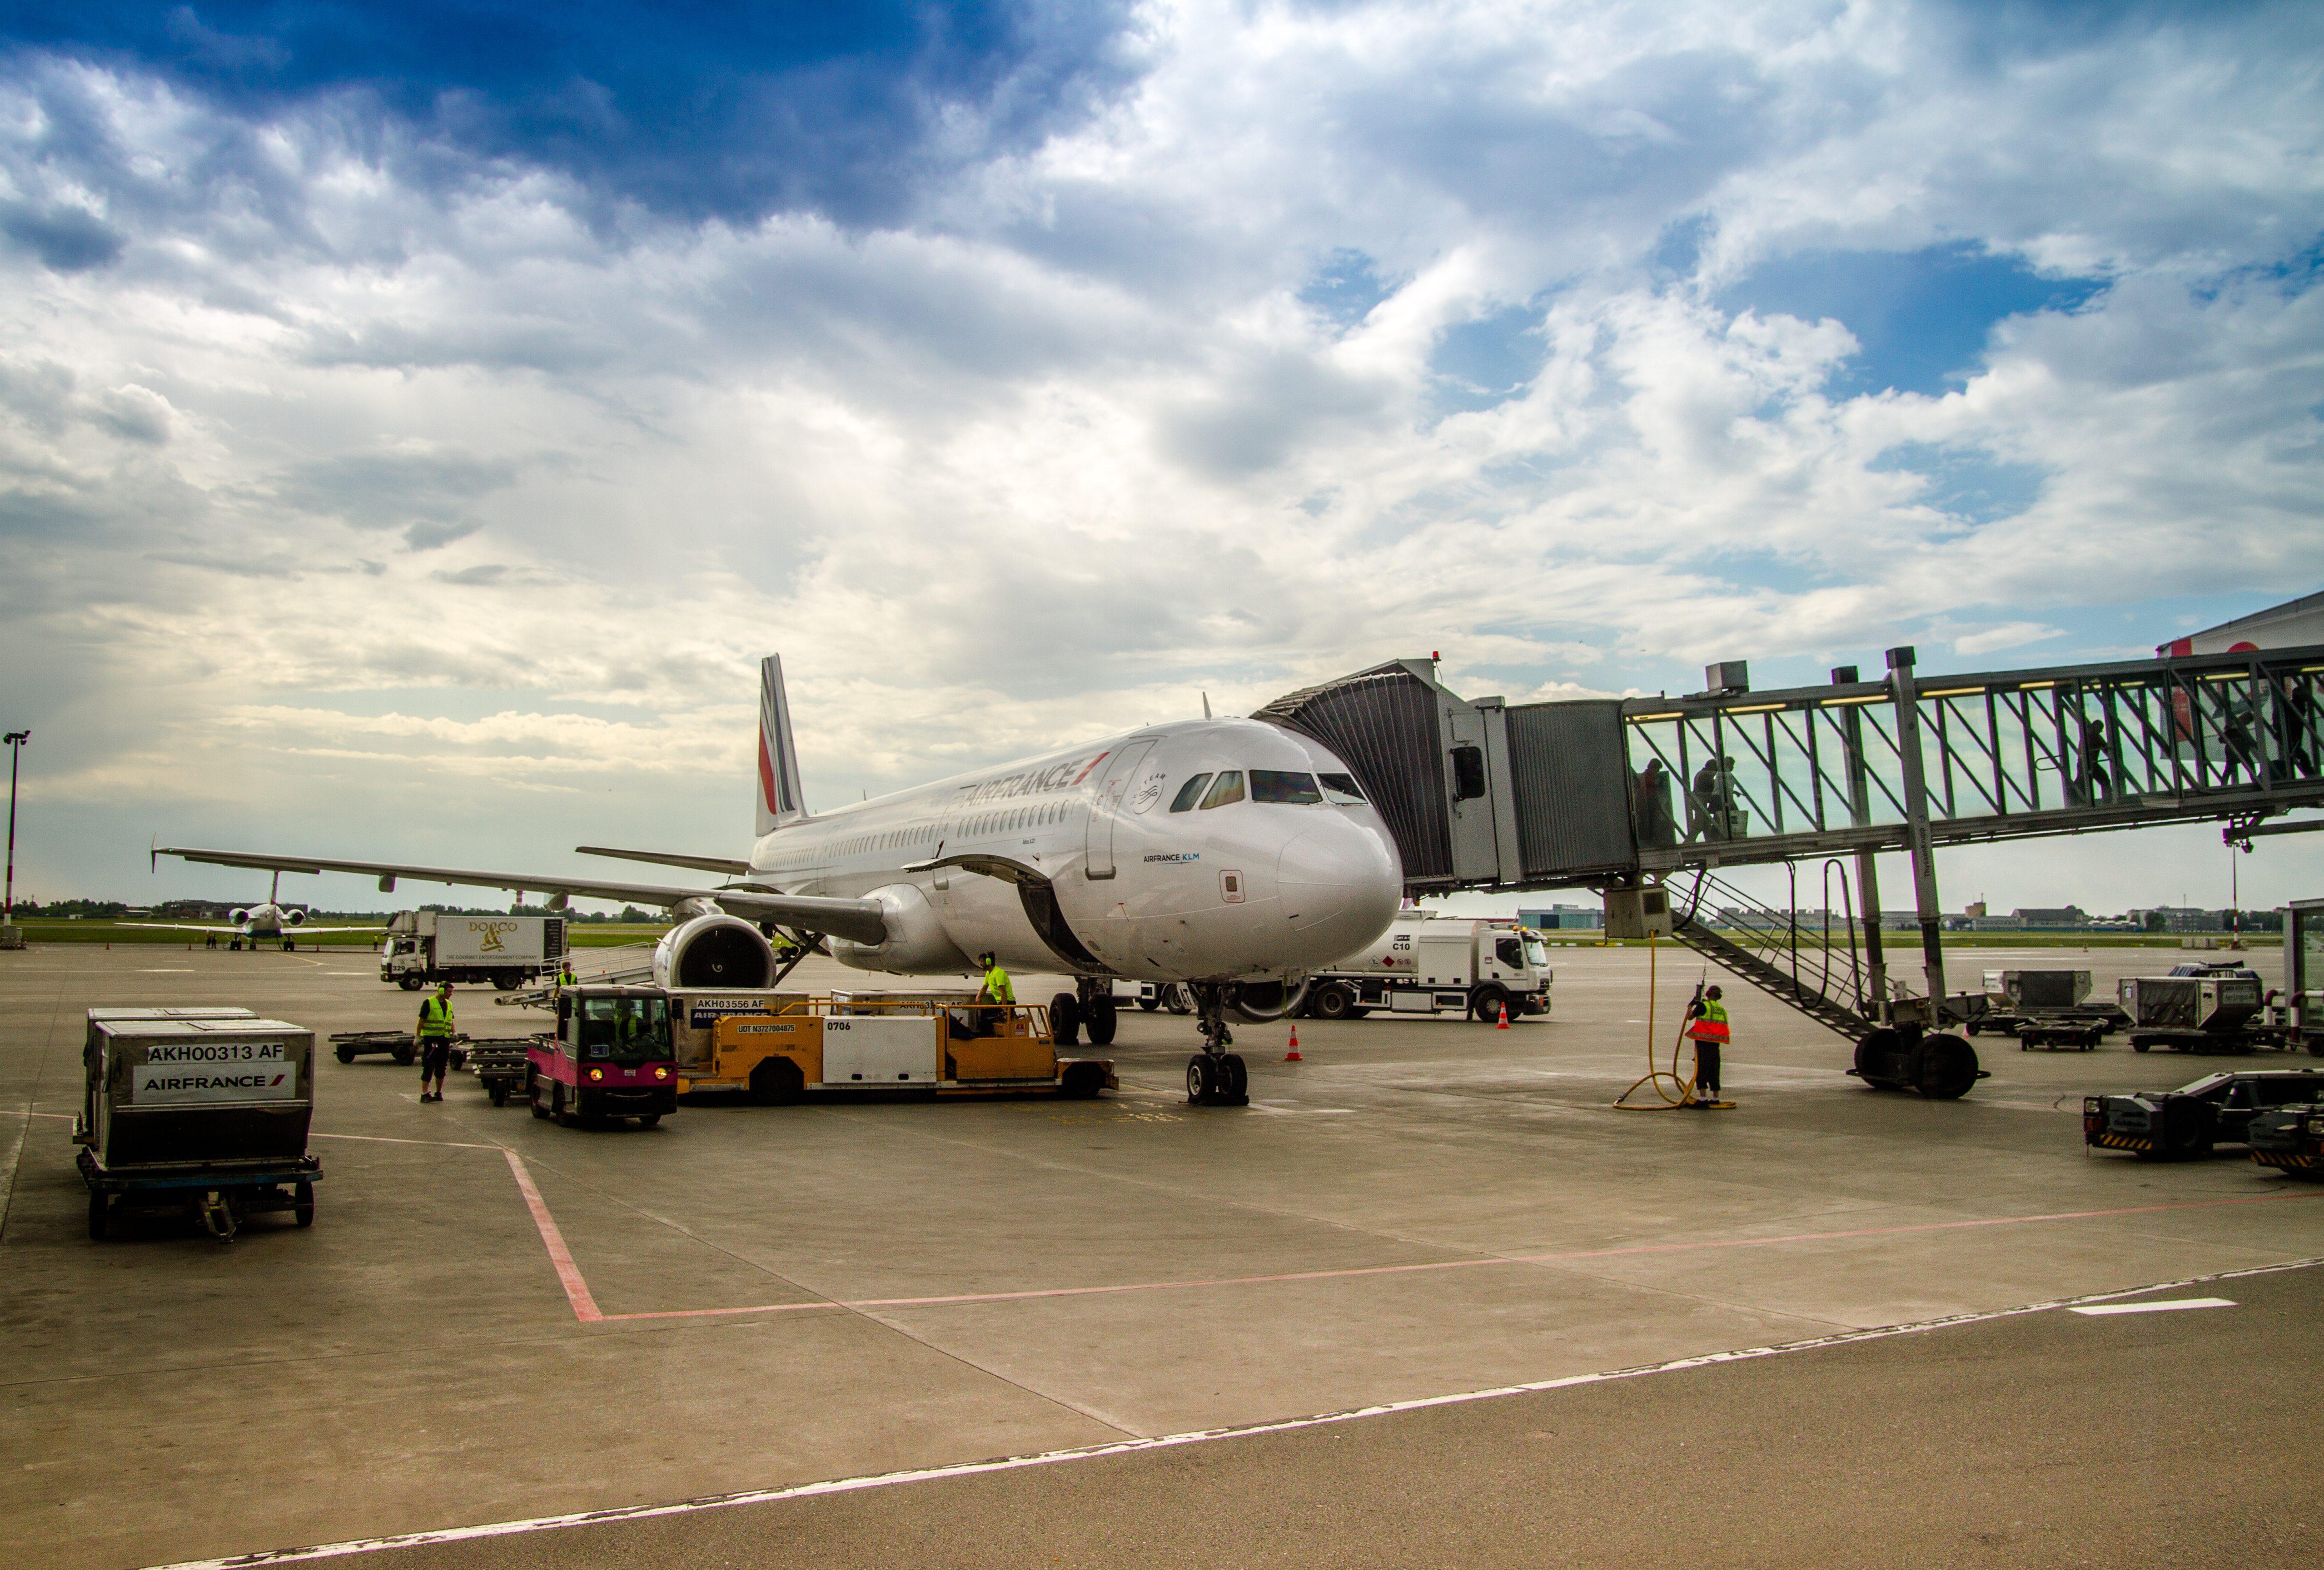 Air France Airbus A321 at Warsaw Chopin Airport, Air, Outdoor, Warsaw, Vehicle, HQ Photo